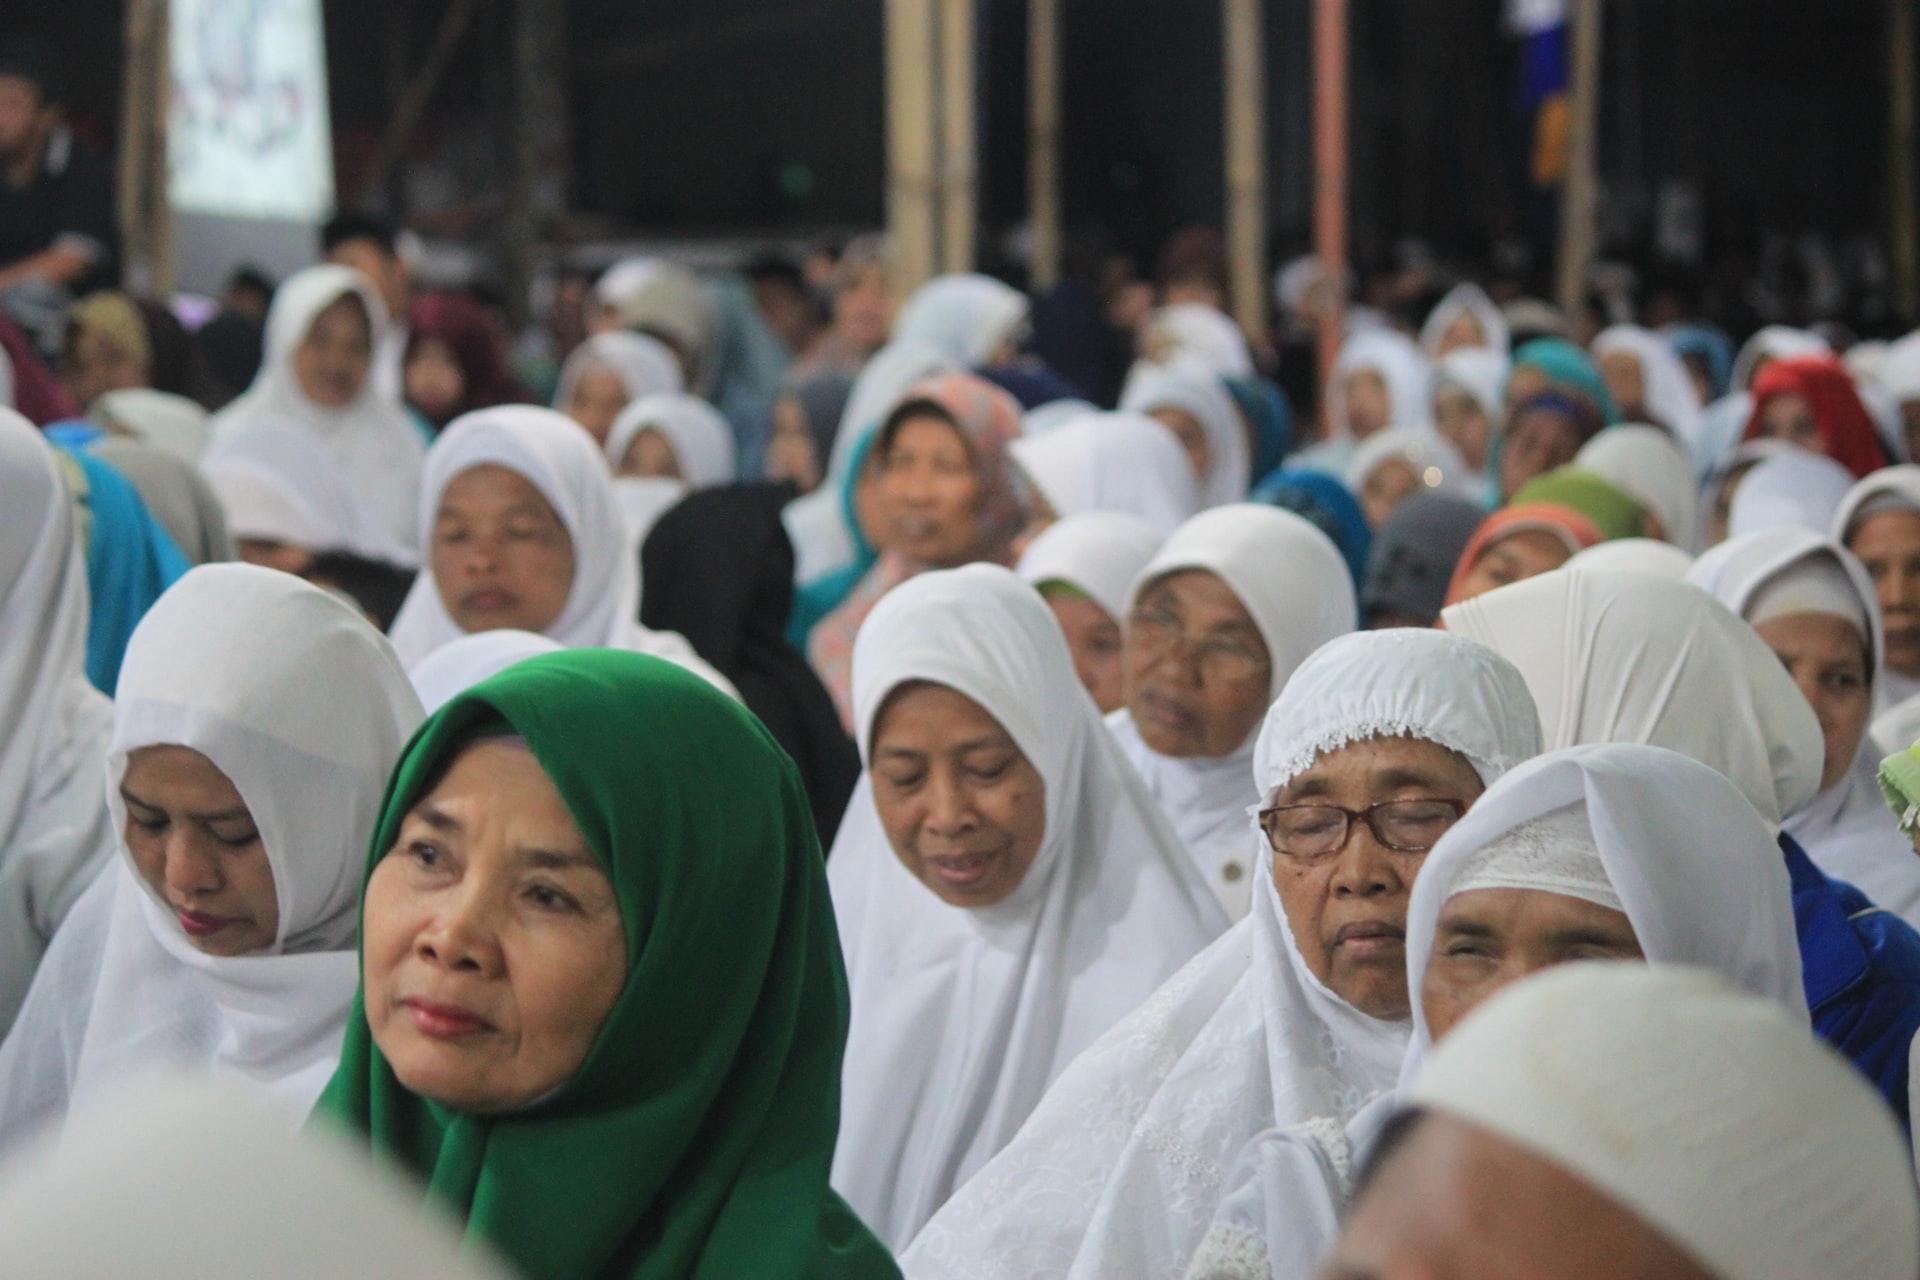 文化や宗教が絡み合うイスラム女性差別と人権問題